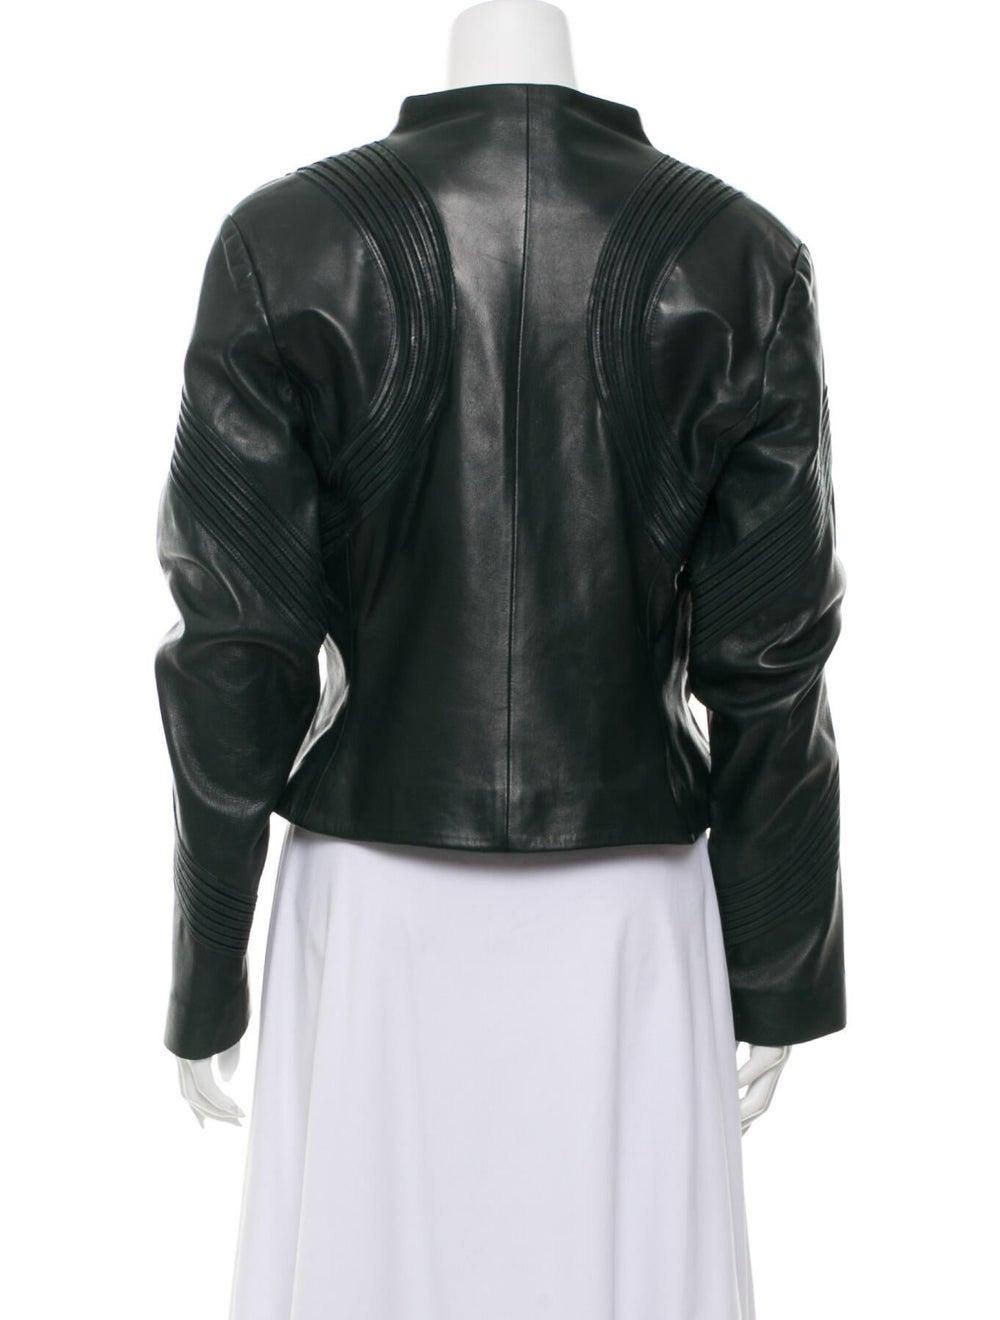 Jitrois Leather Jacket Green - image 3